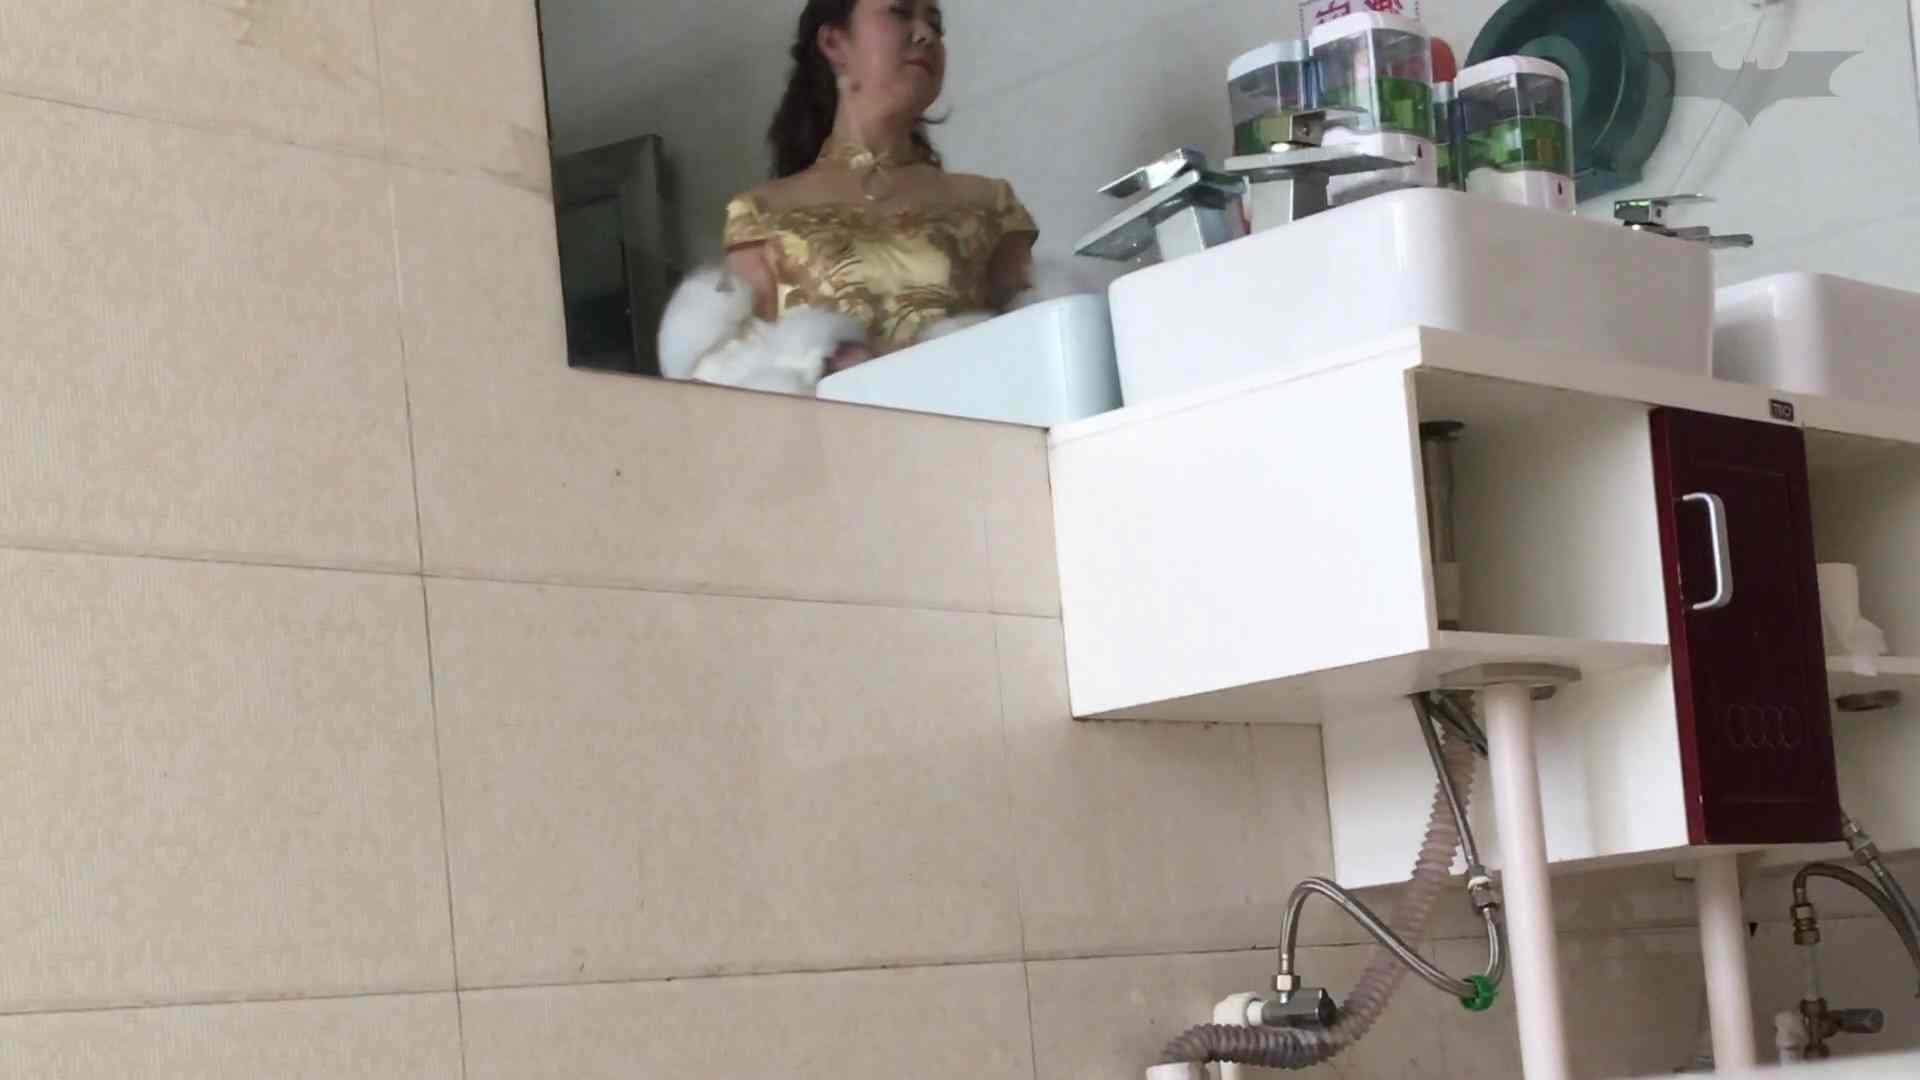 芸術大学ガチ潜入盗撮 JD盗撮 美女の洗面所の秘密 Vol.111 高画質 AV無料動画キャプチャ 96画像 49